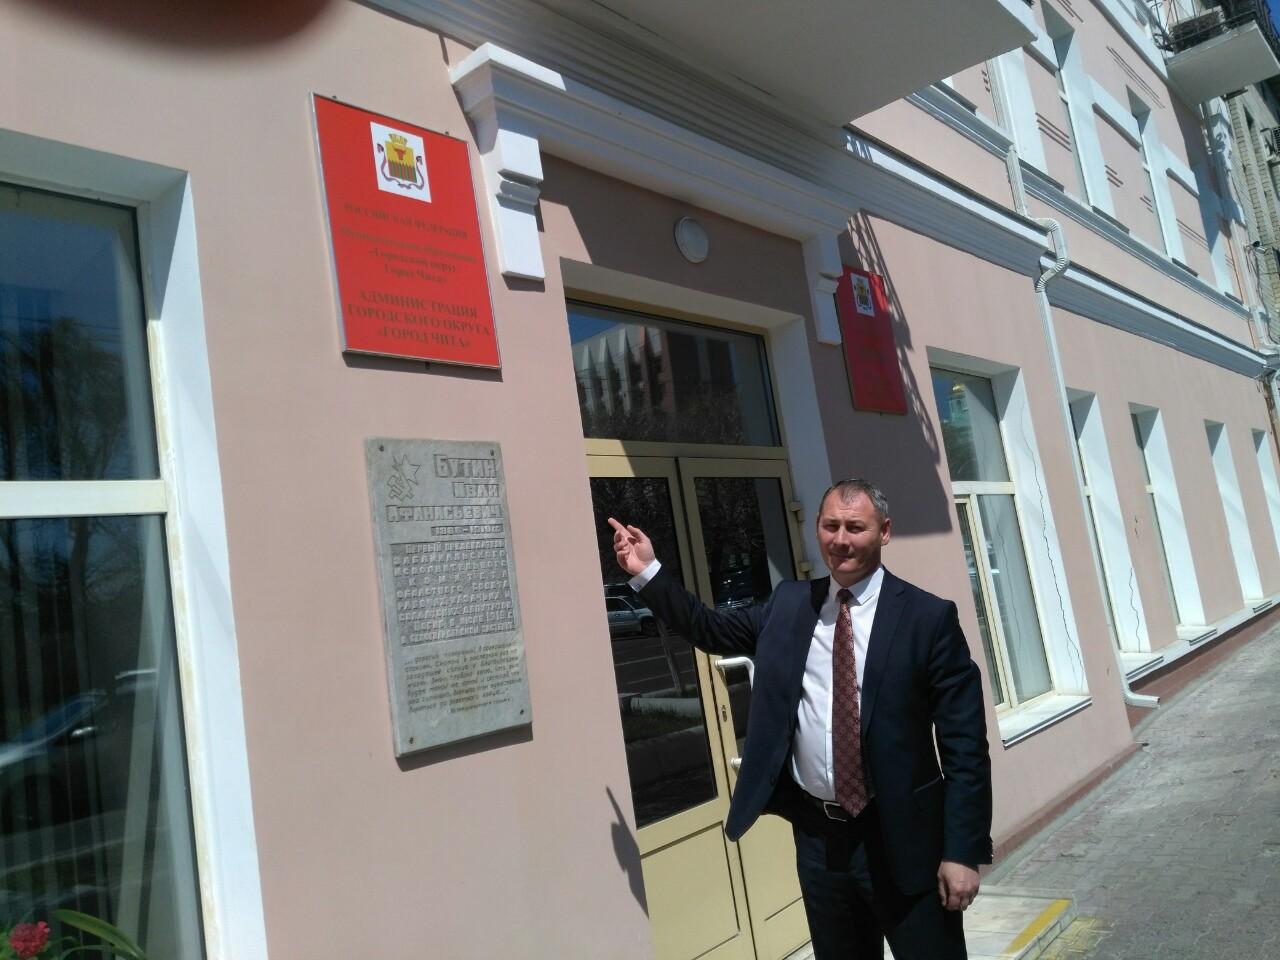 Дума единогласно приняла прекращение полномочий депутата Сапожникова